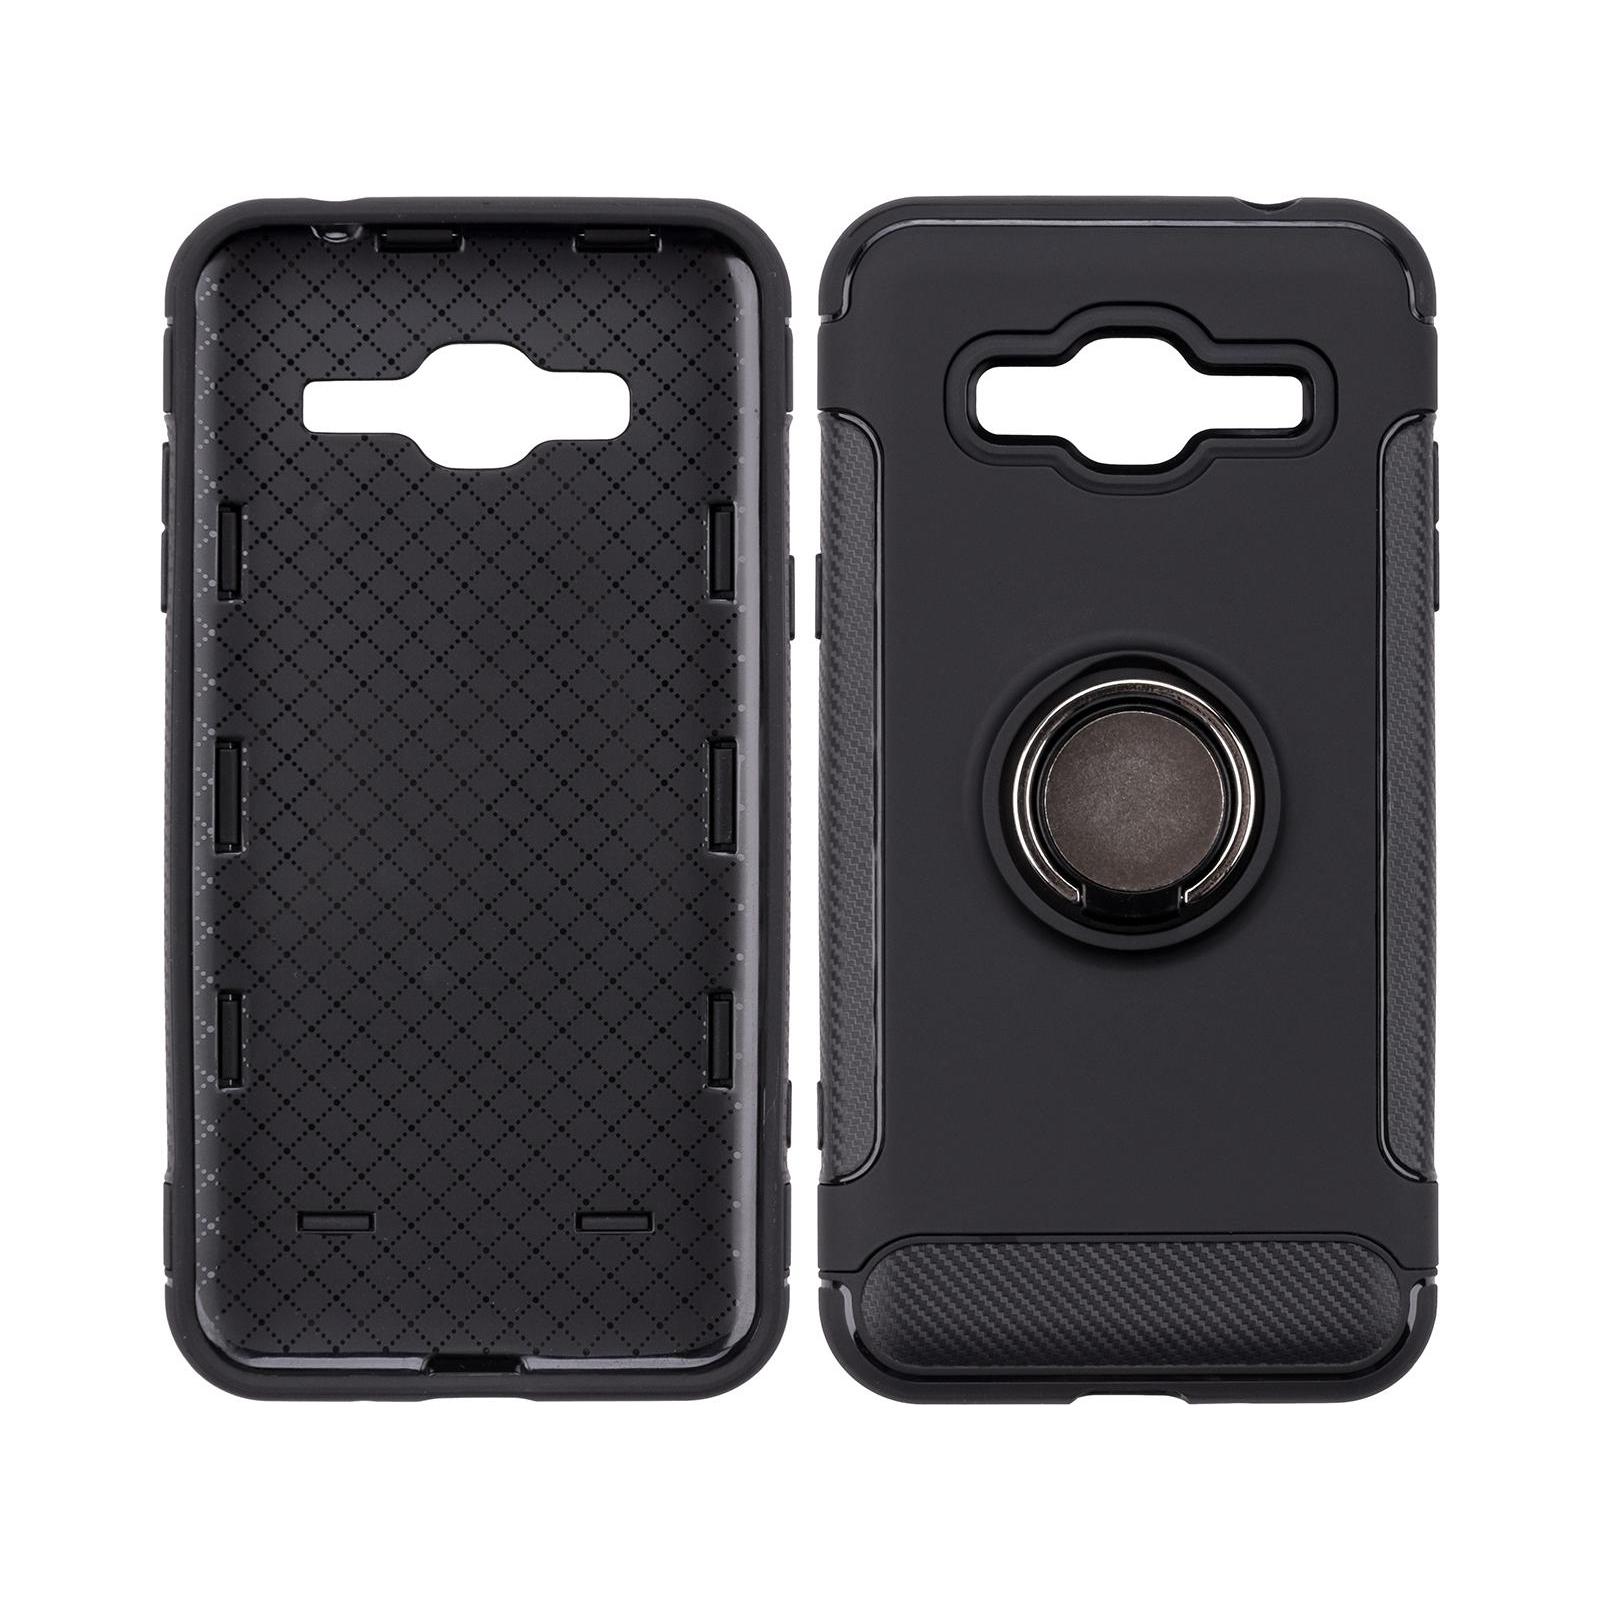 Чехол для моб. телефона Laudtec для Samsung J3 2016/J320 Ring stand (black) (LR-J320-BC) изображение 5